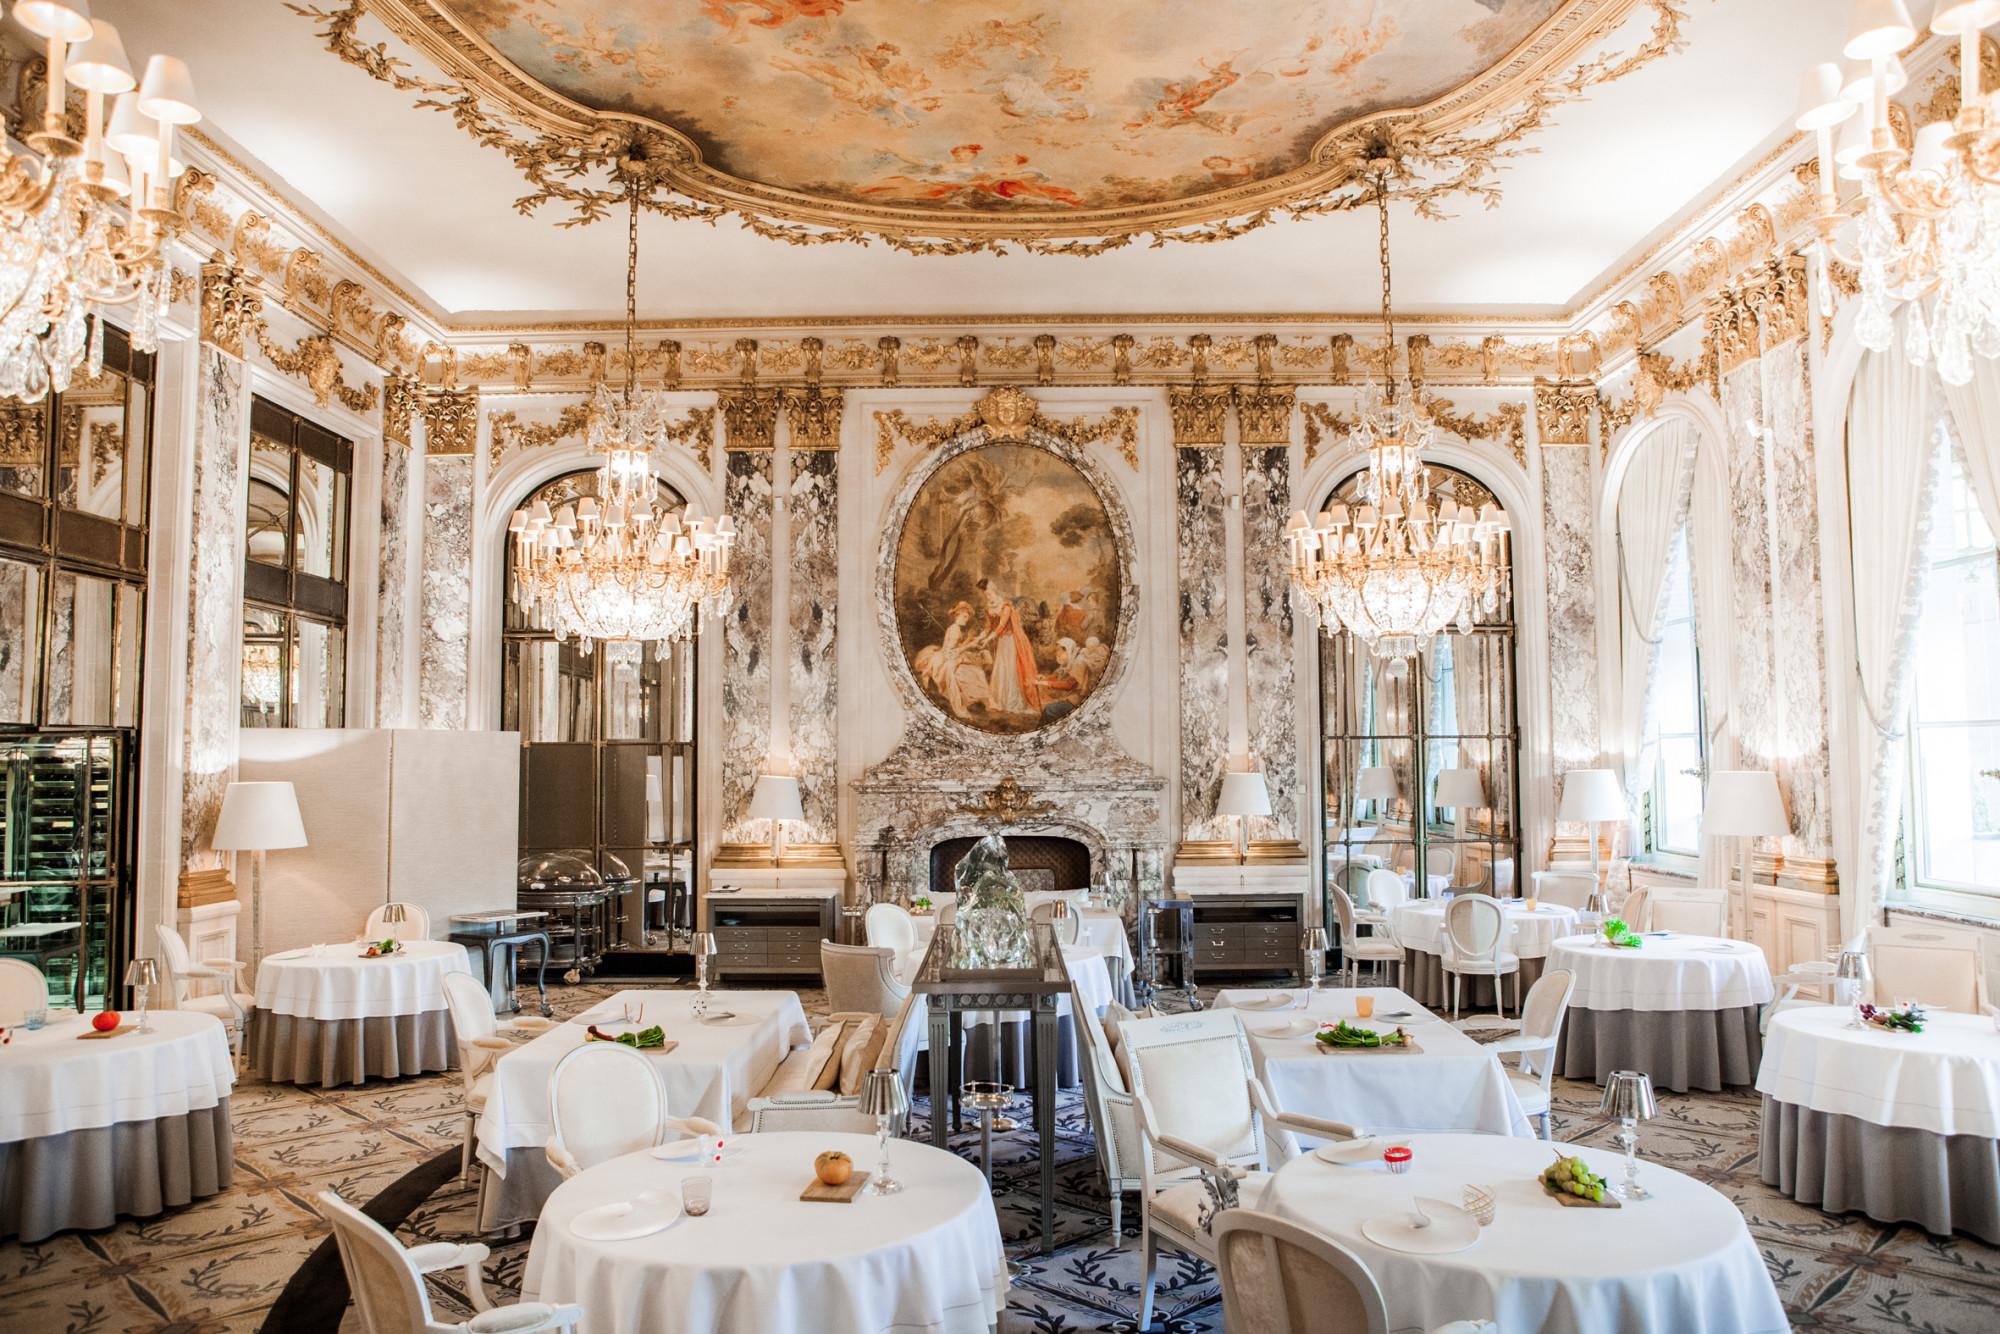 Hôtel le meurice paris capitale